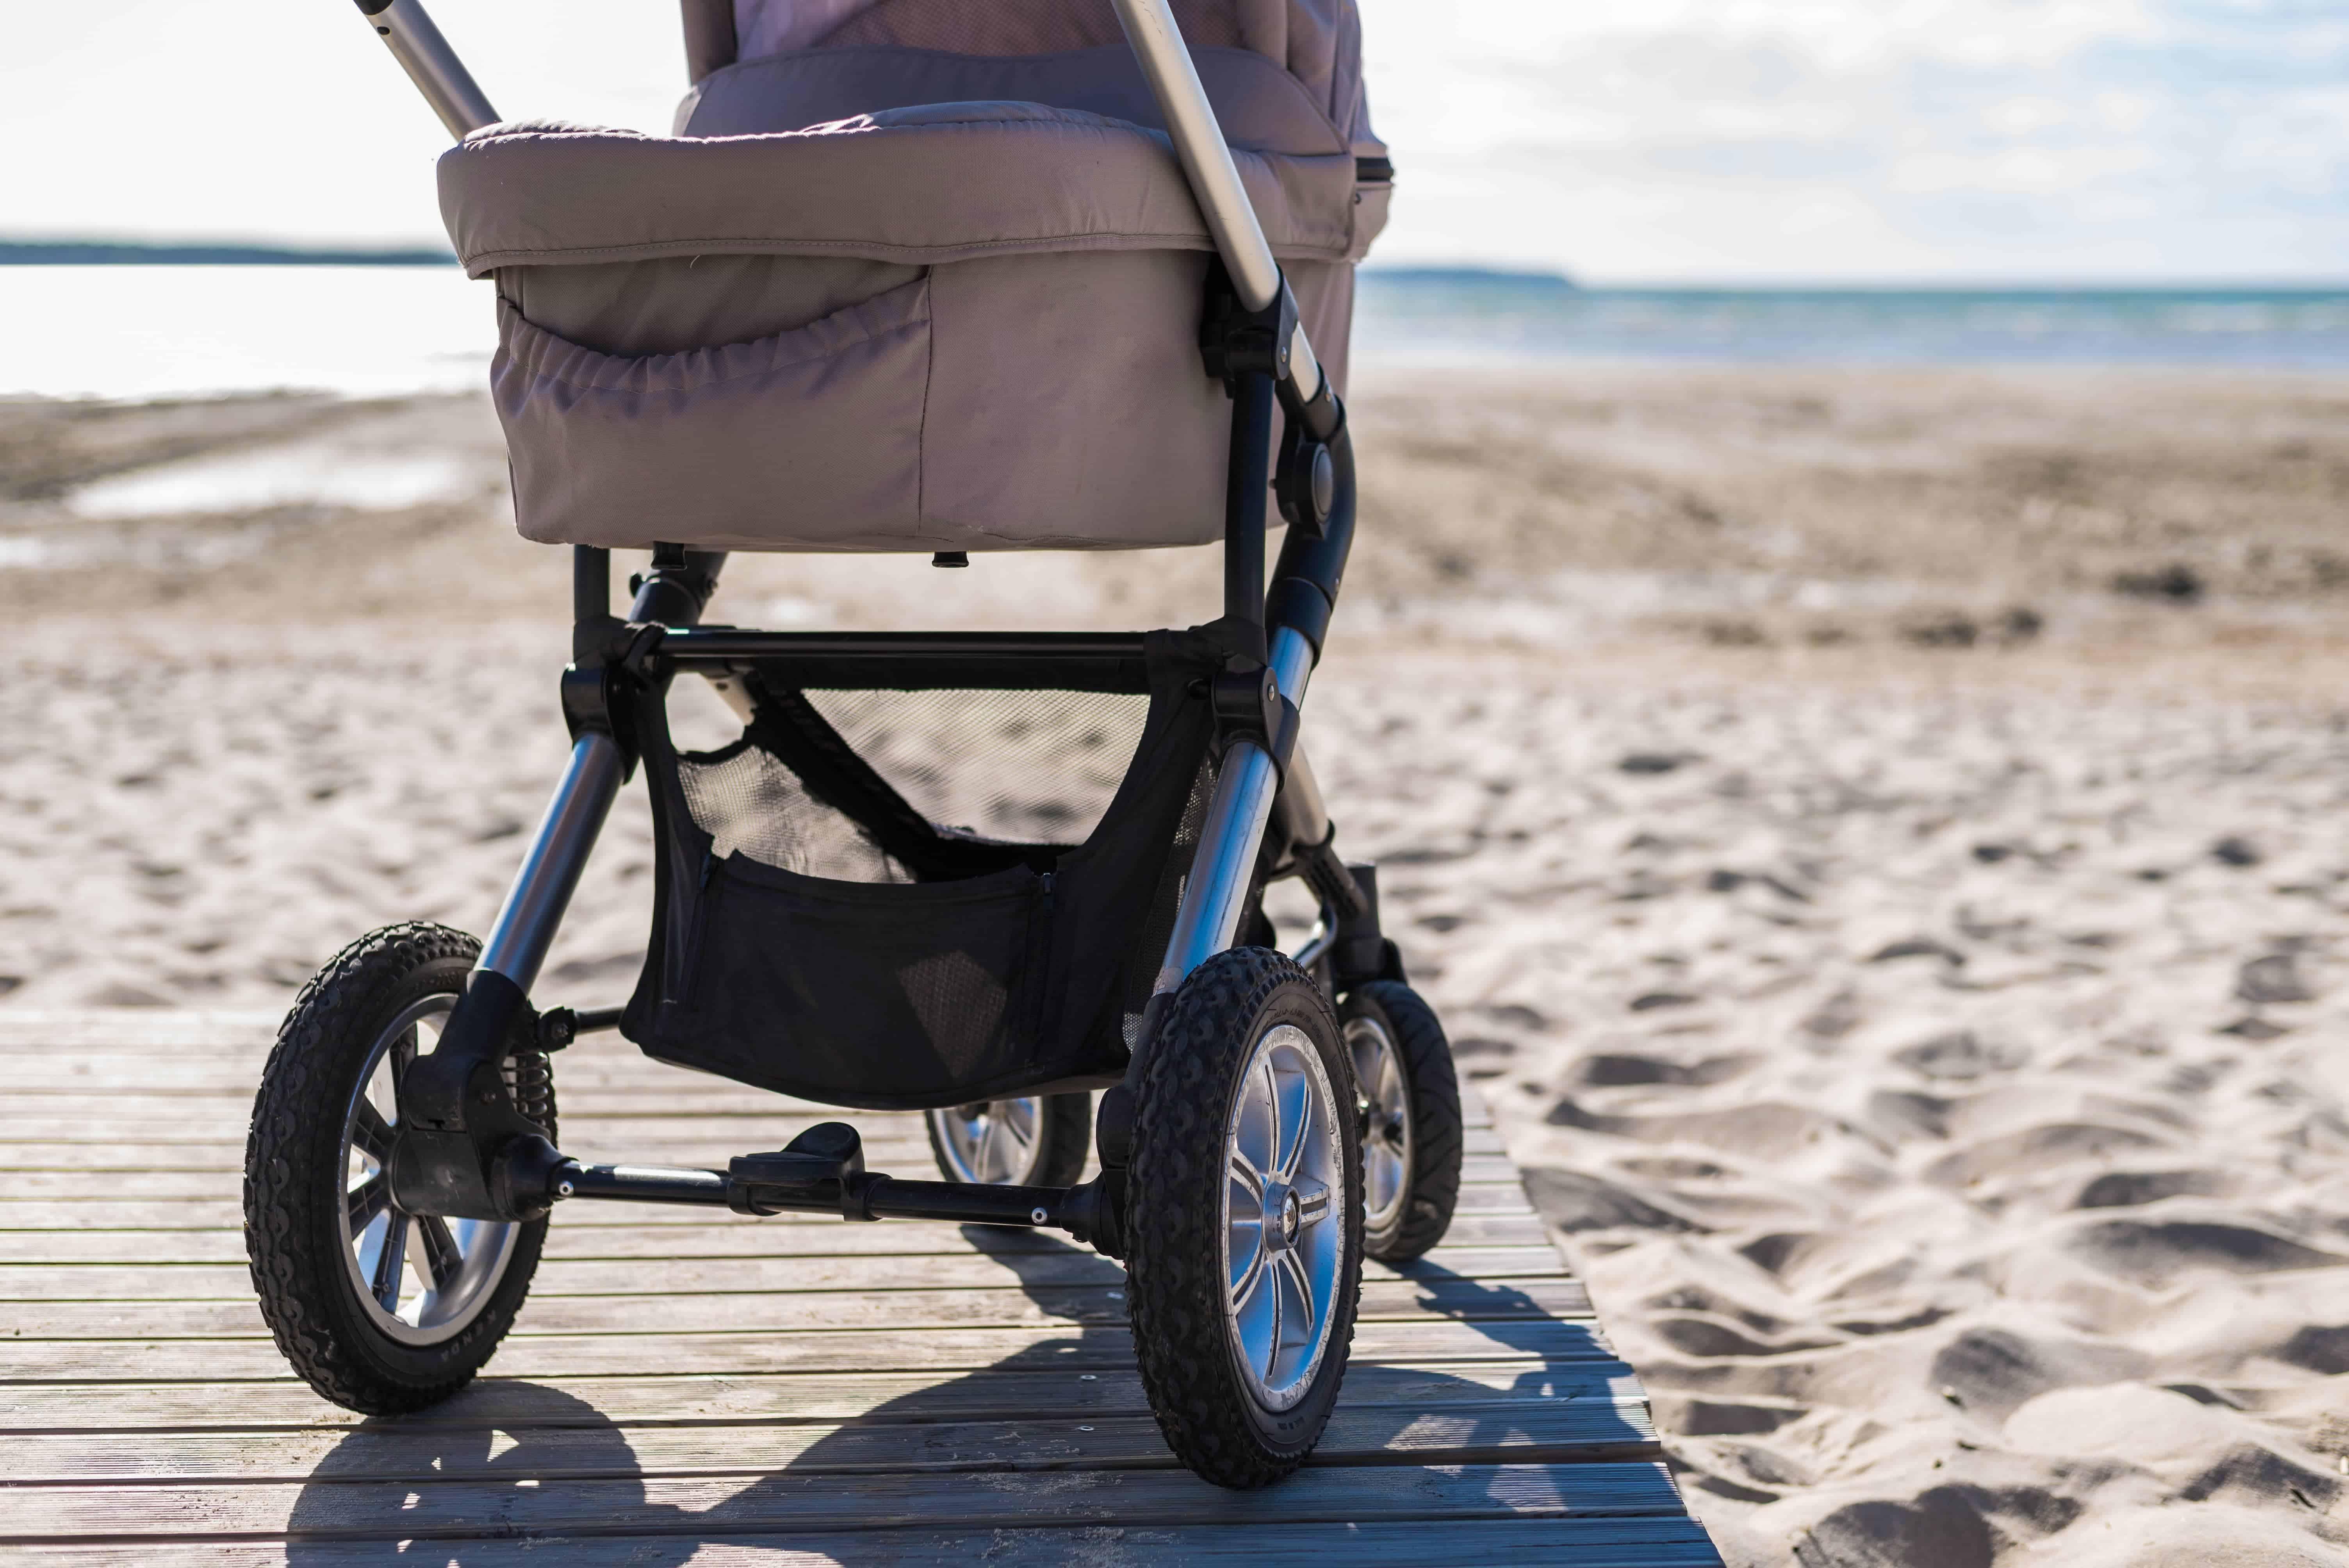 Non Toxic Strollers 2017 Avoid Toxic Flame Retardants